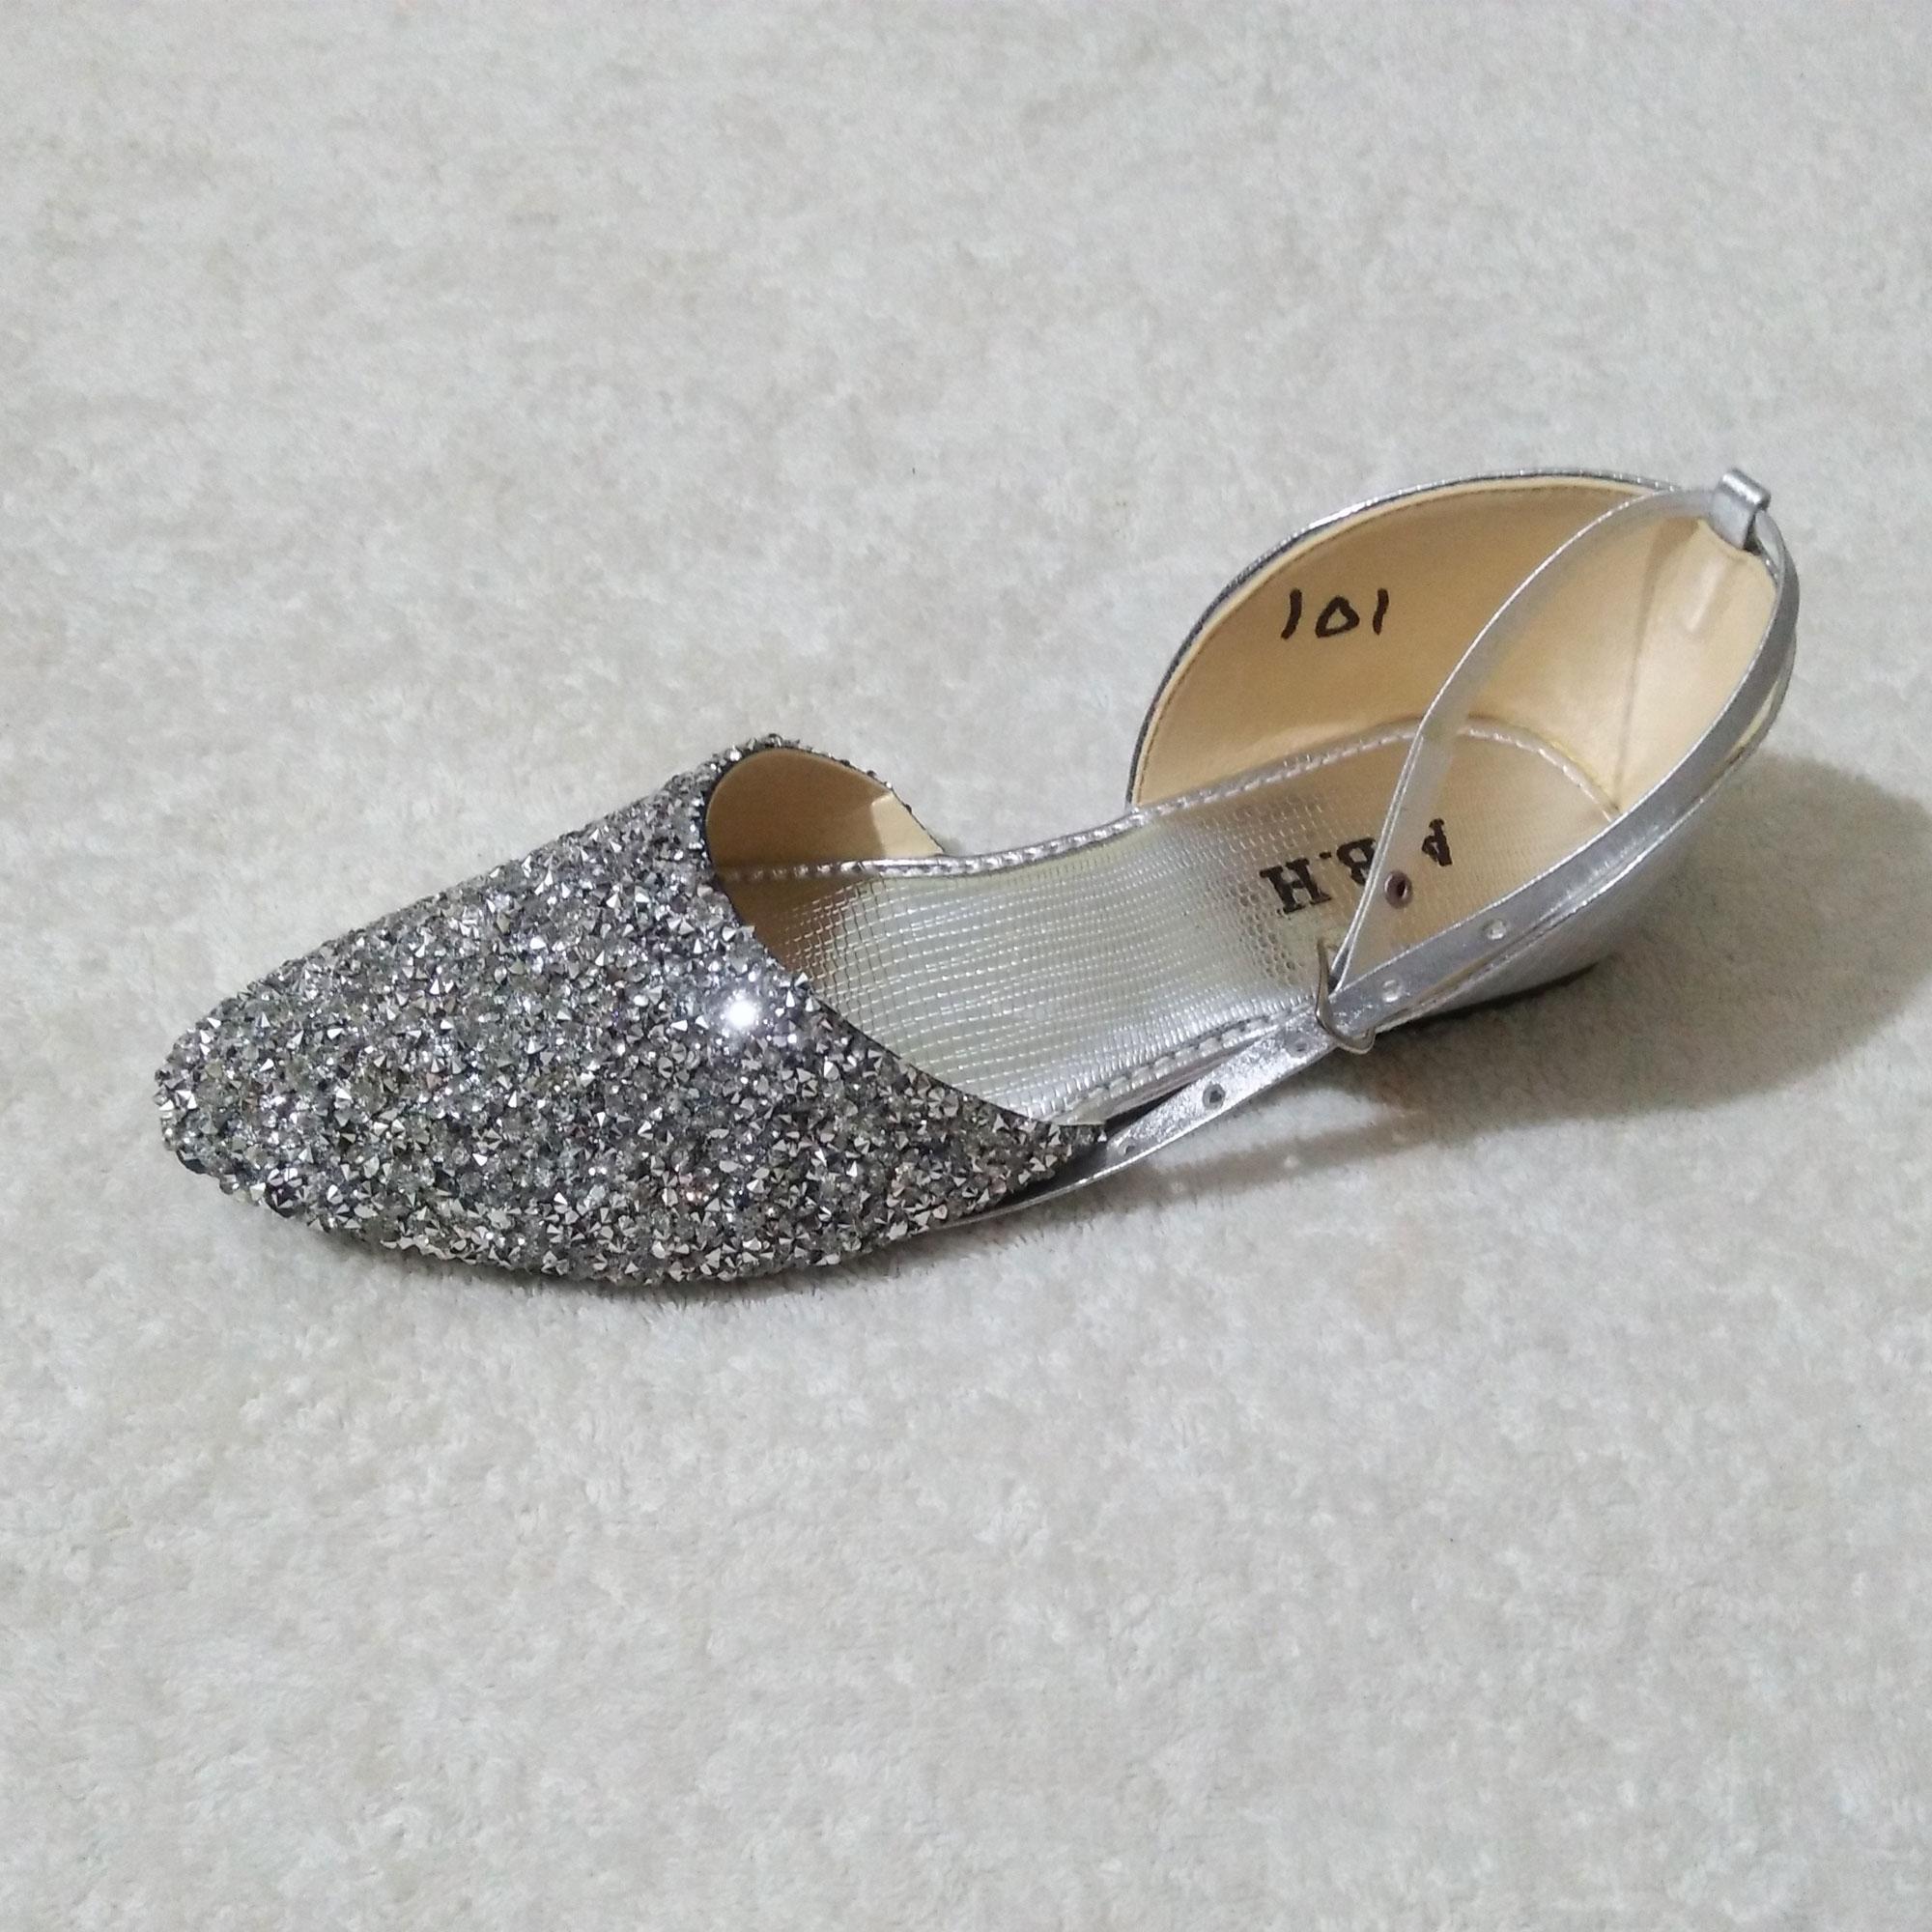 b64a76a54d35 Women s Shoes - Buy Ladies Footwear Online - Daraz Pakistan